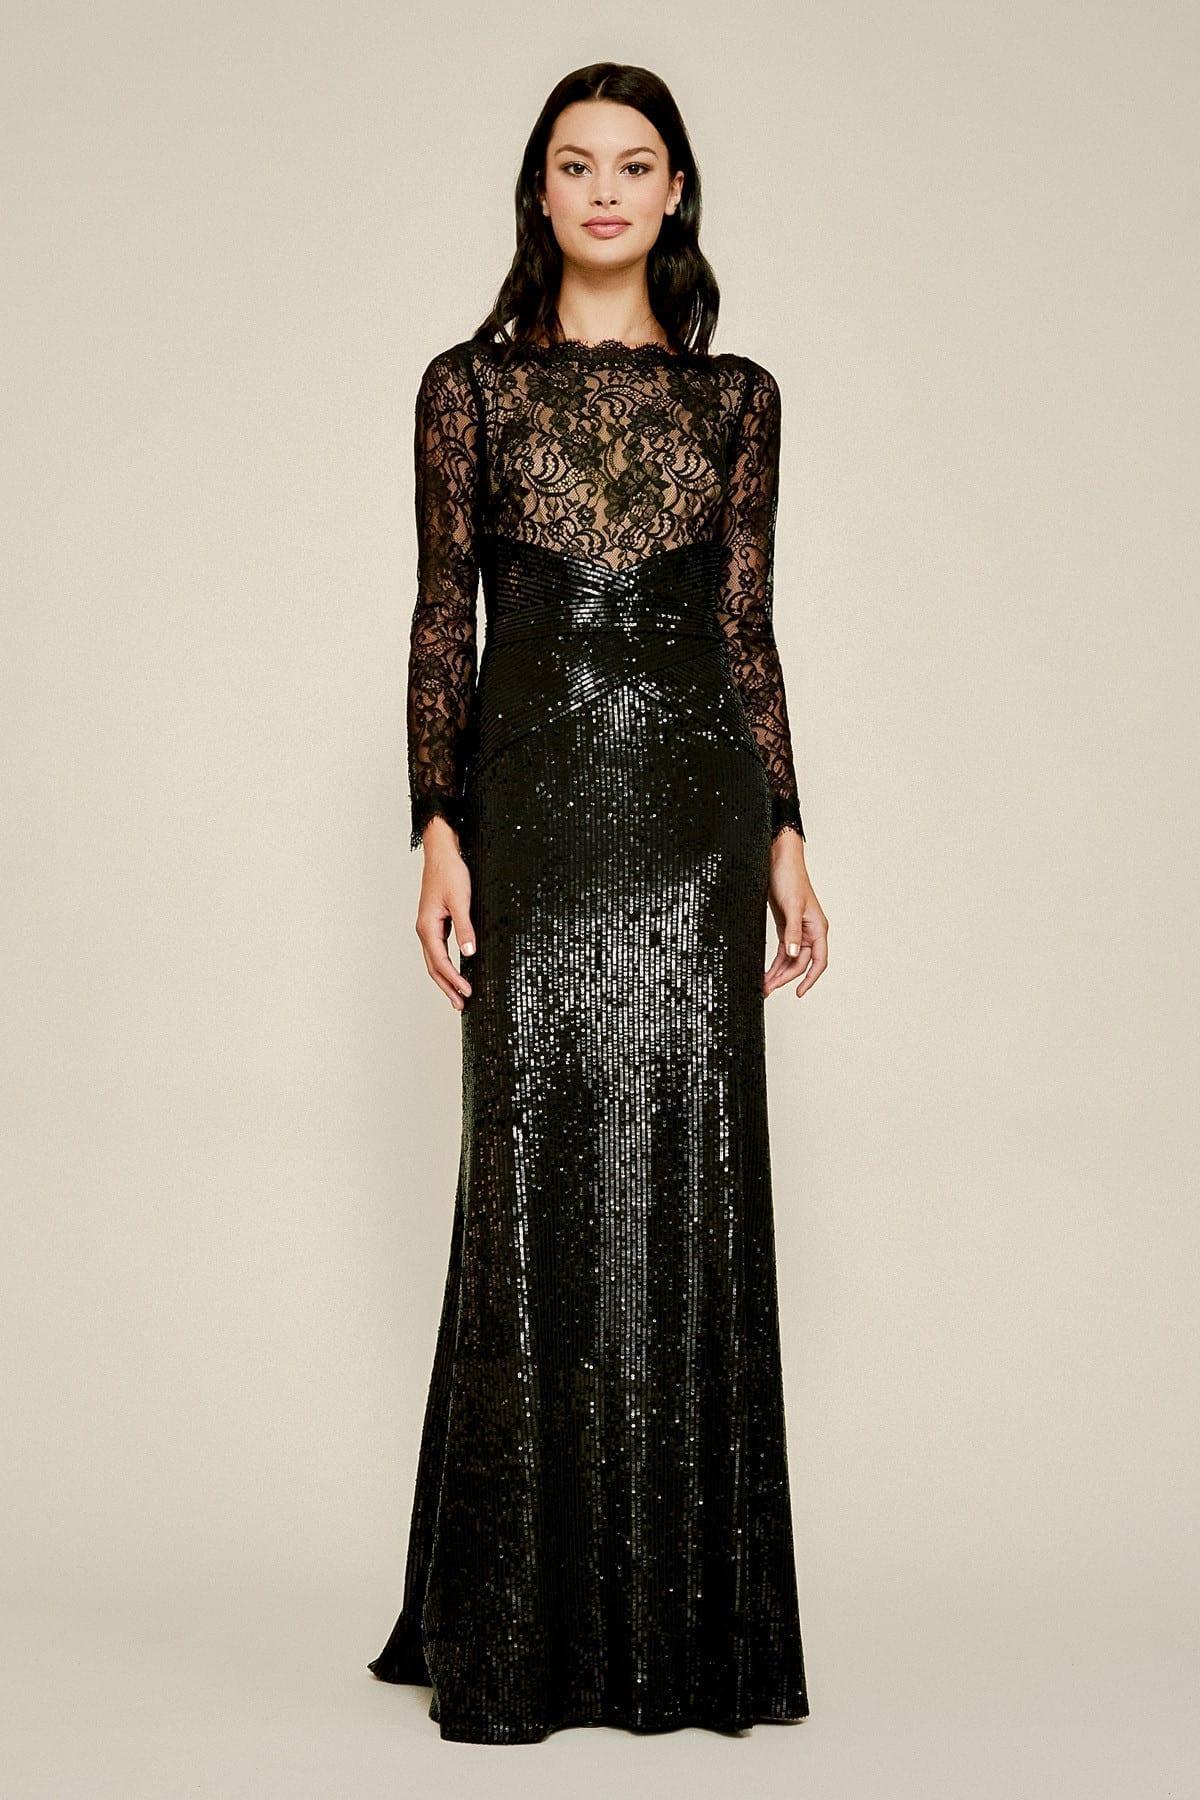 TADASHI SHOJI Aquila Lace Sequin Gown